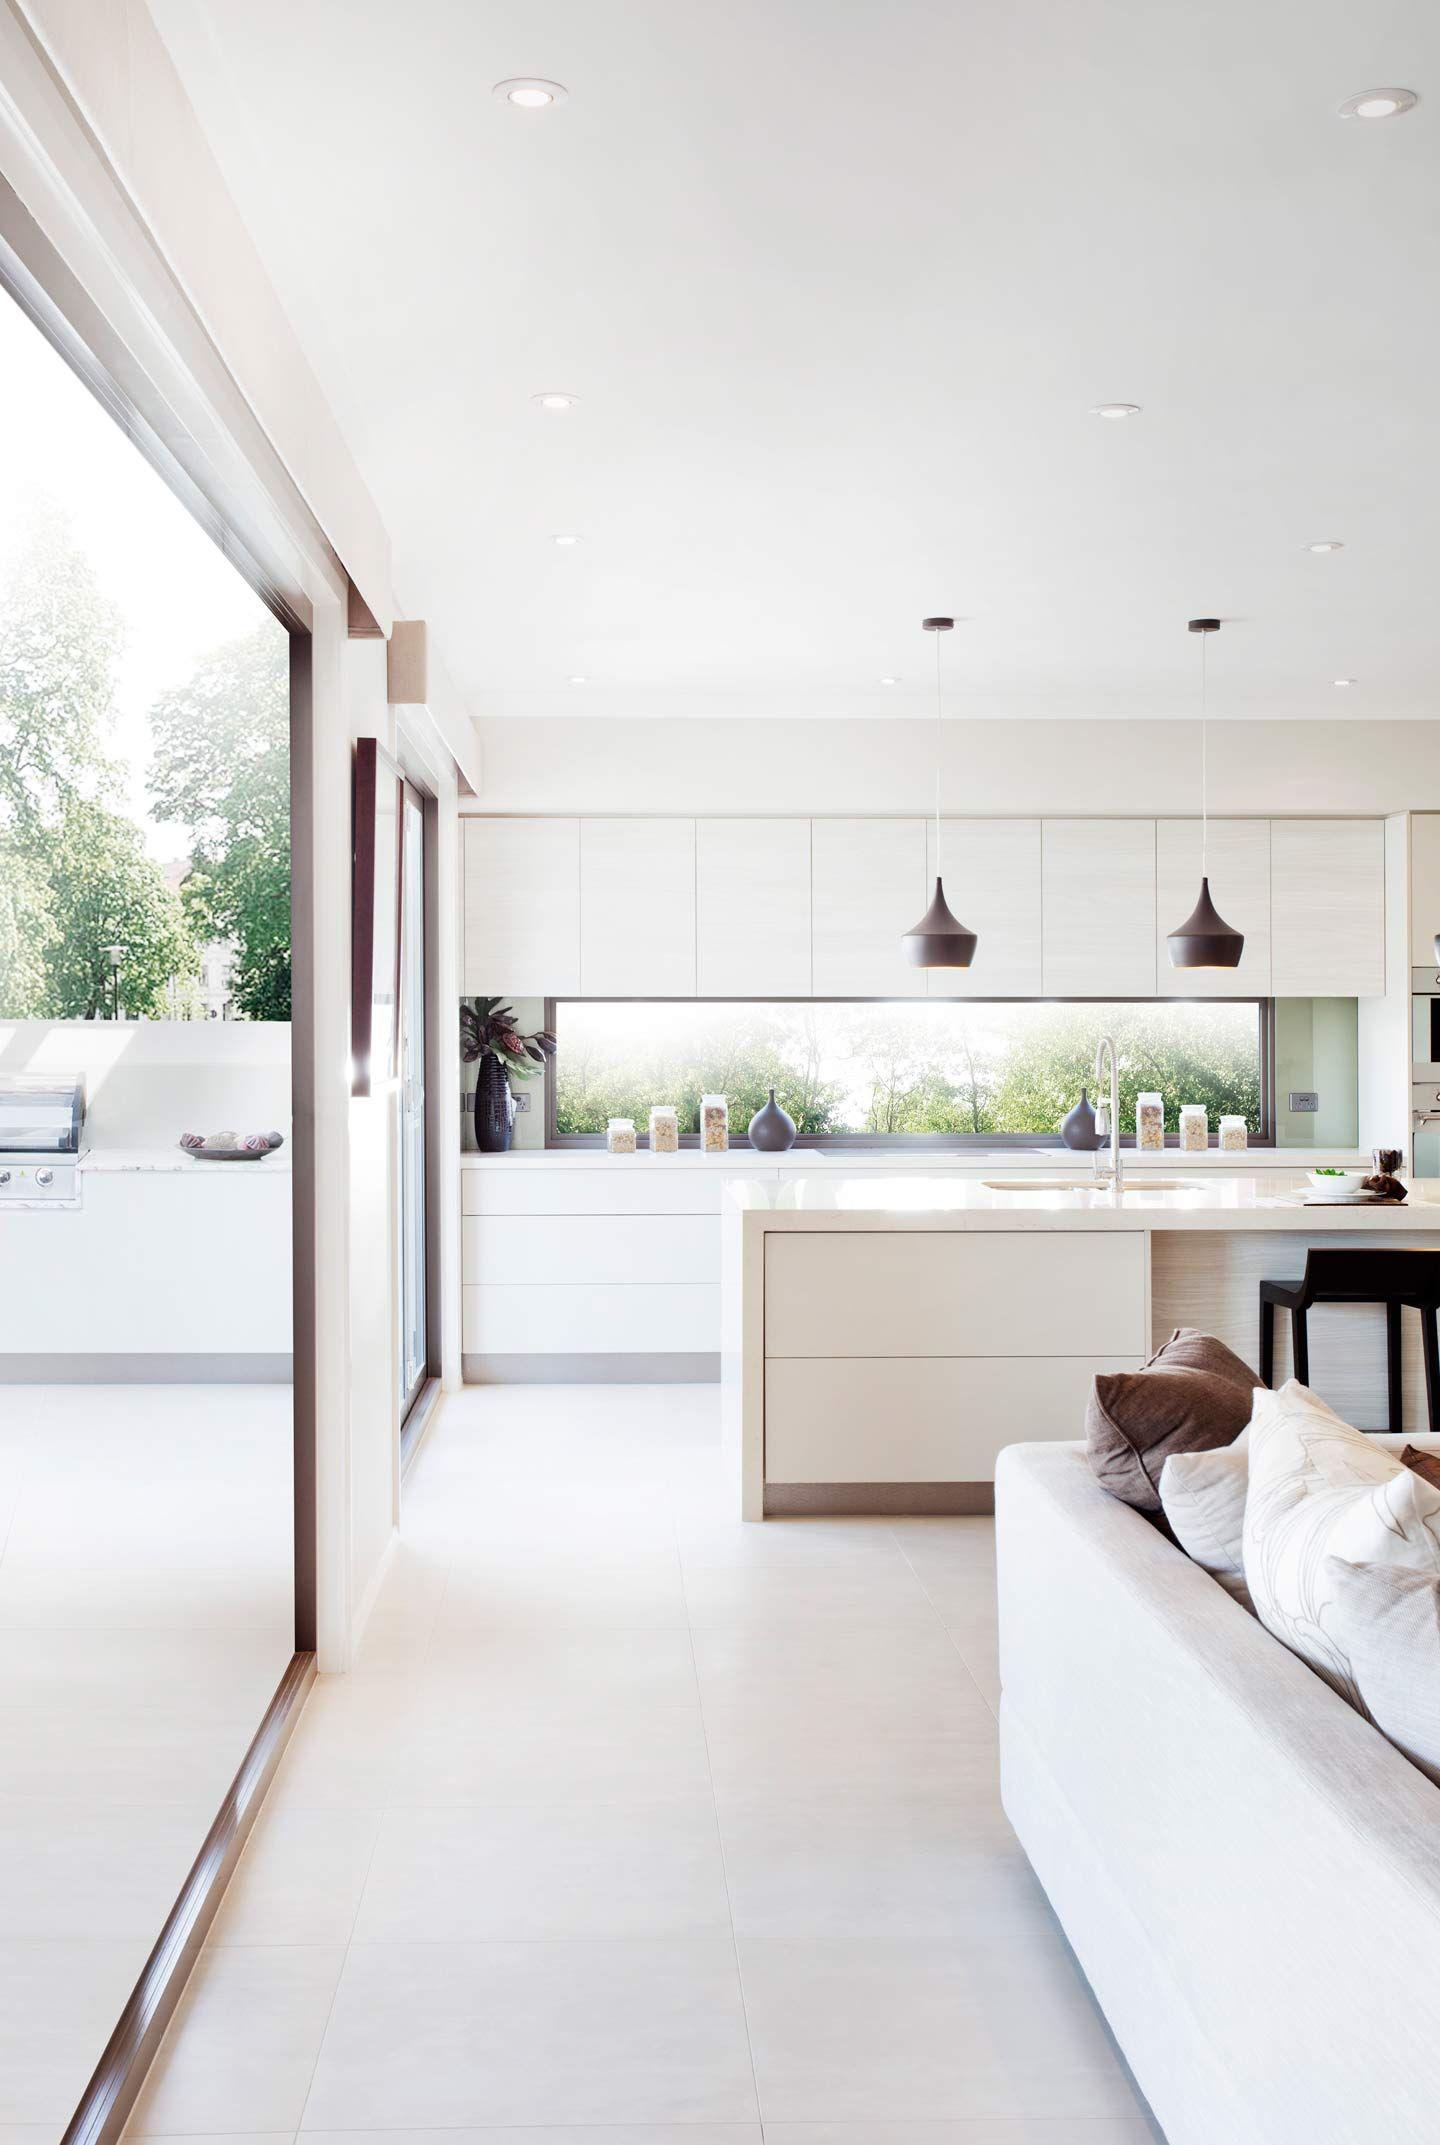 Oasis home design by mcdonald jones exclusive to queensland gourmet kitchen  top view interior also rh pinterest